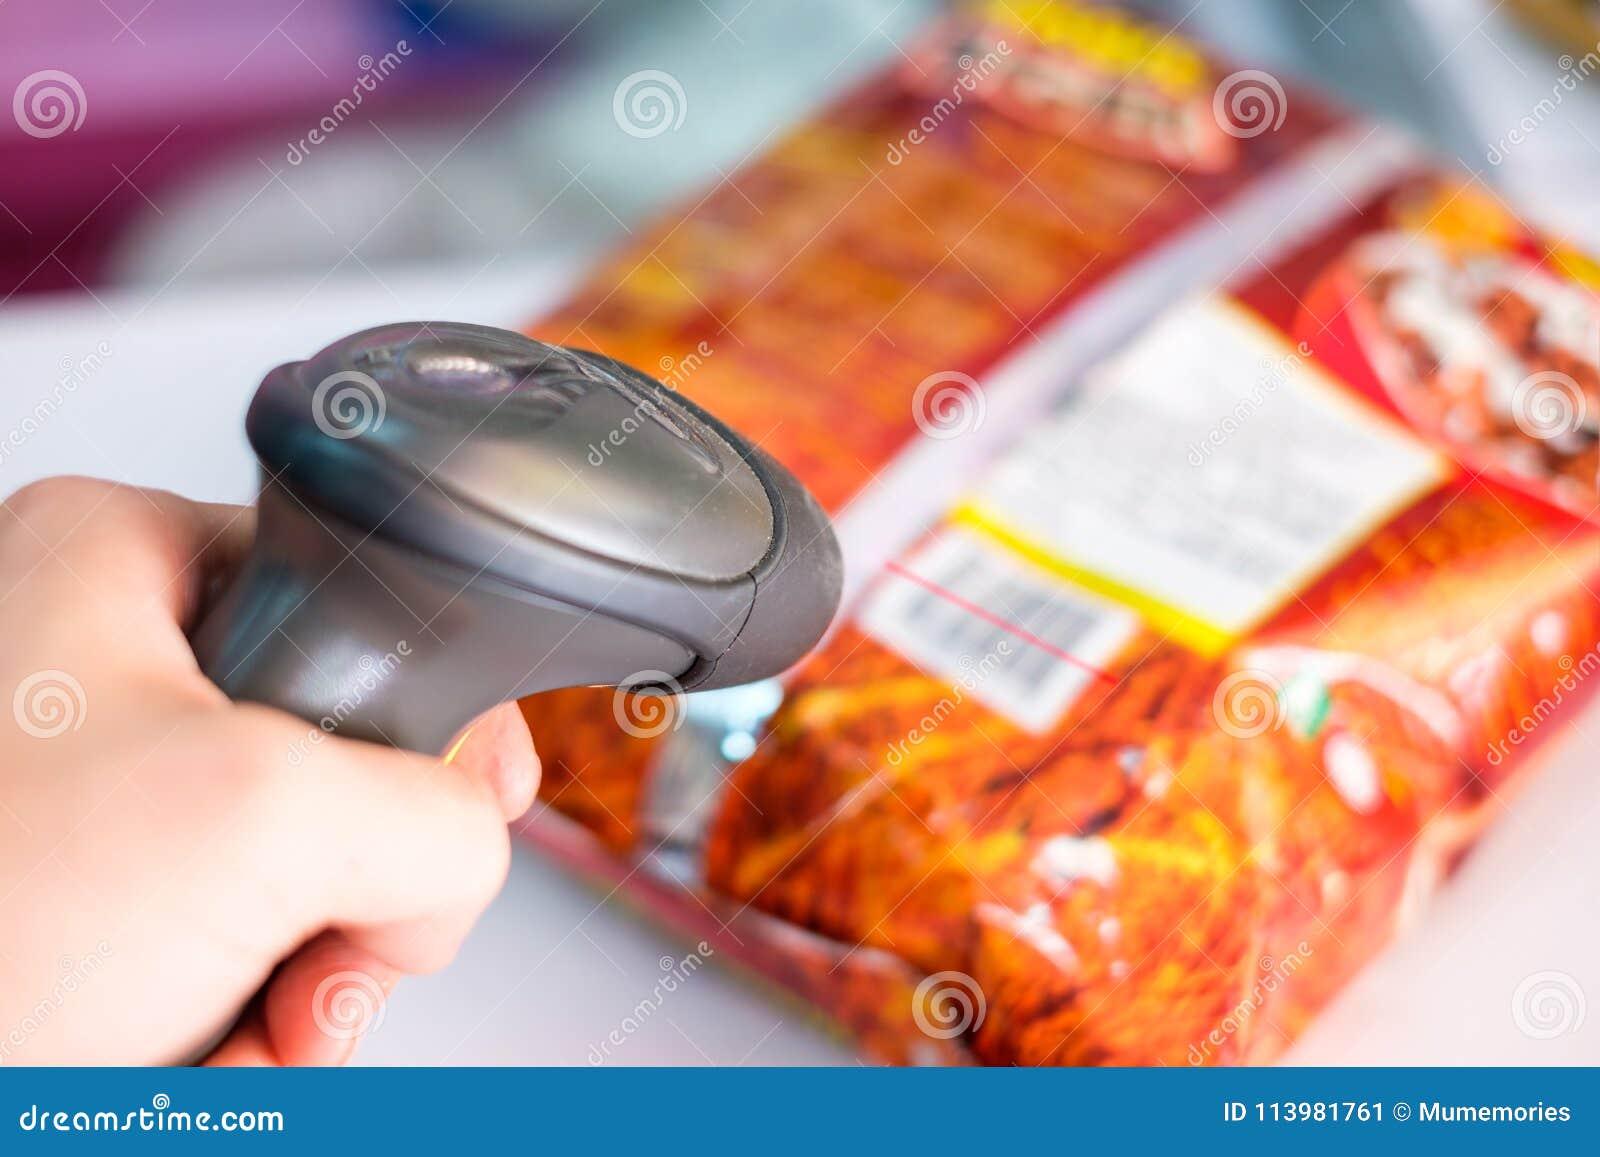 Main utilisant le code barres manuel de scanner avec l étiquette de balayage